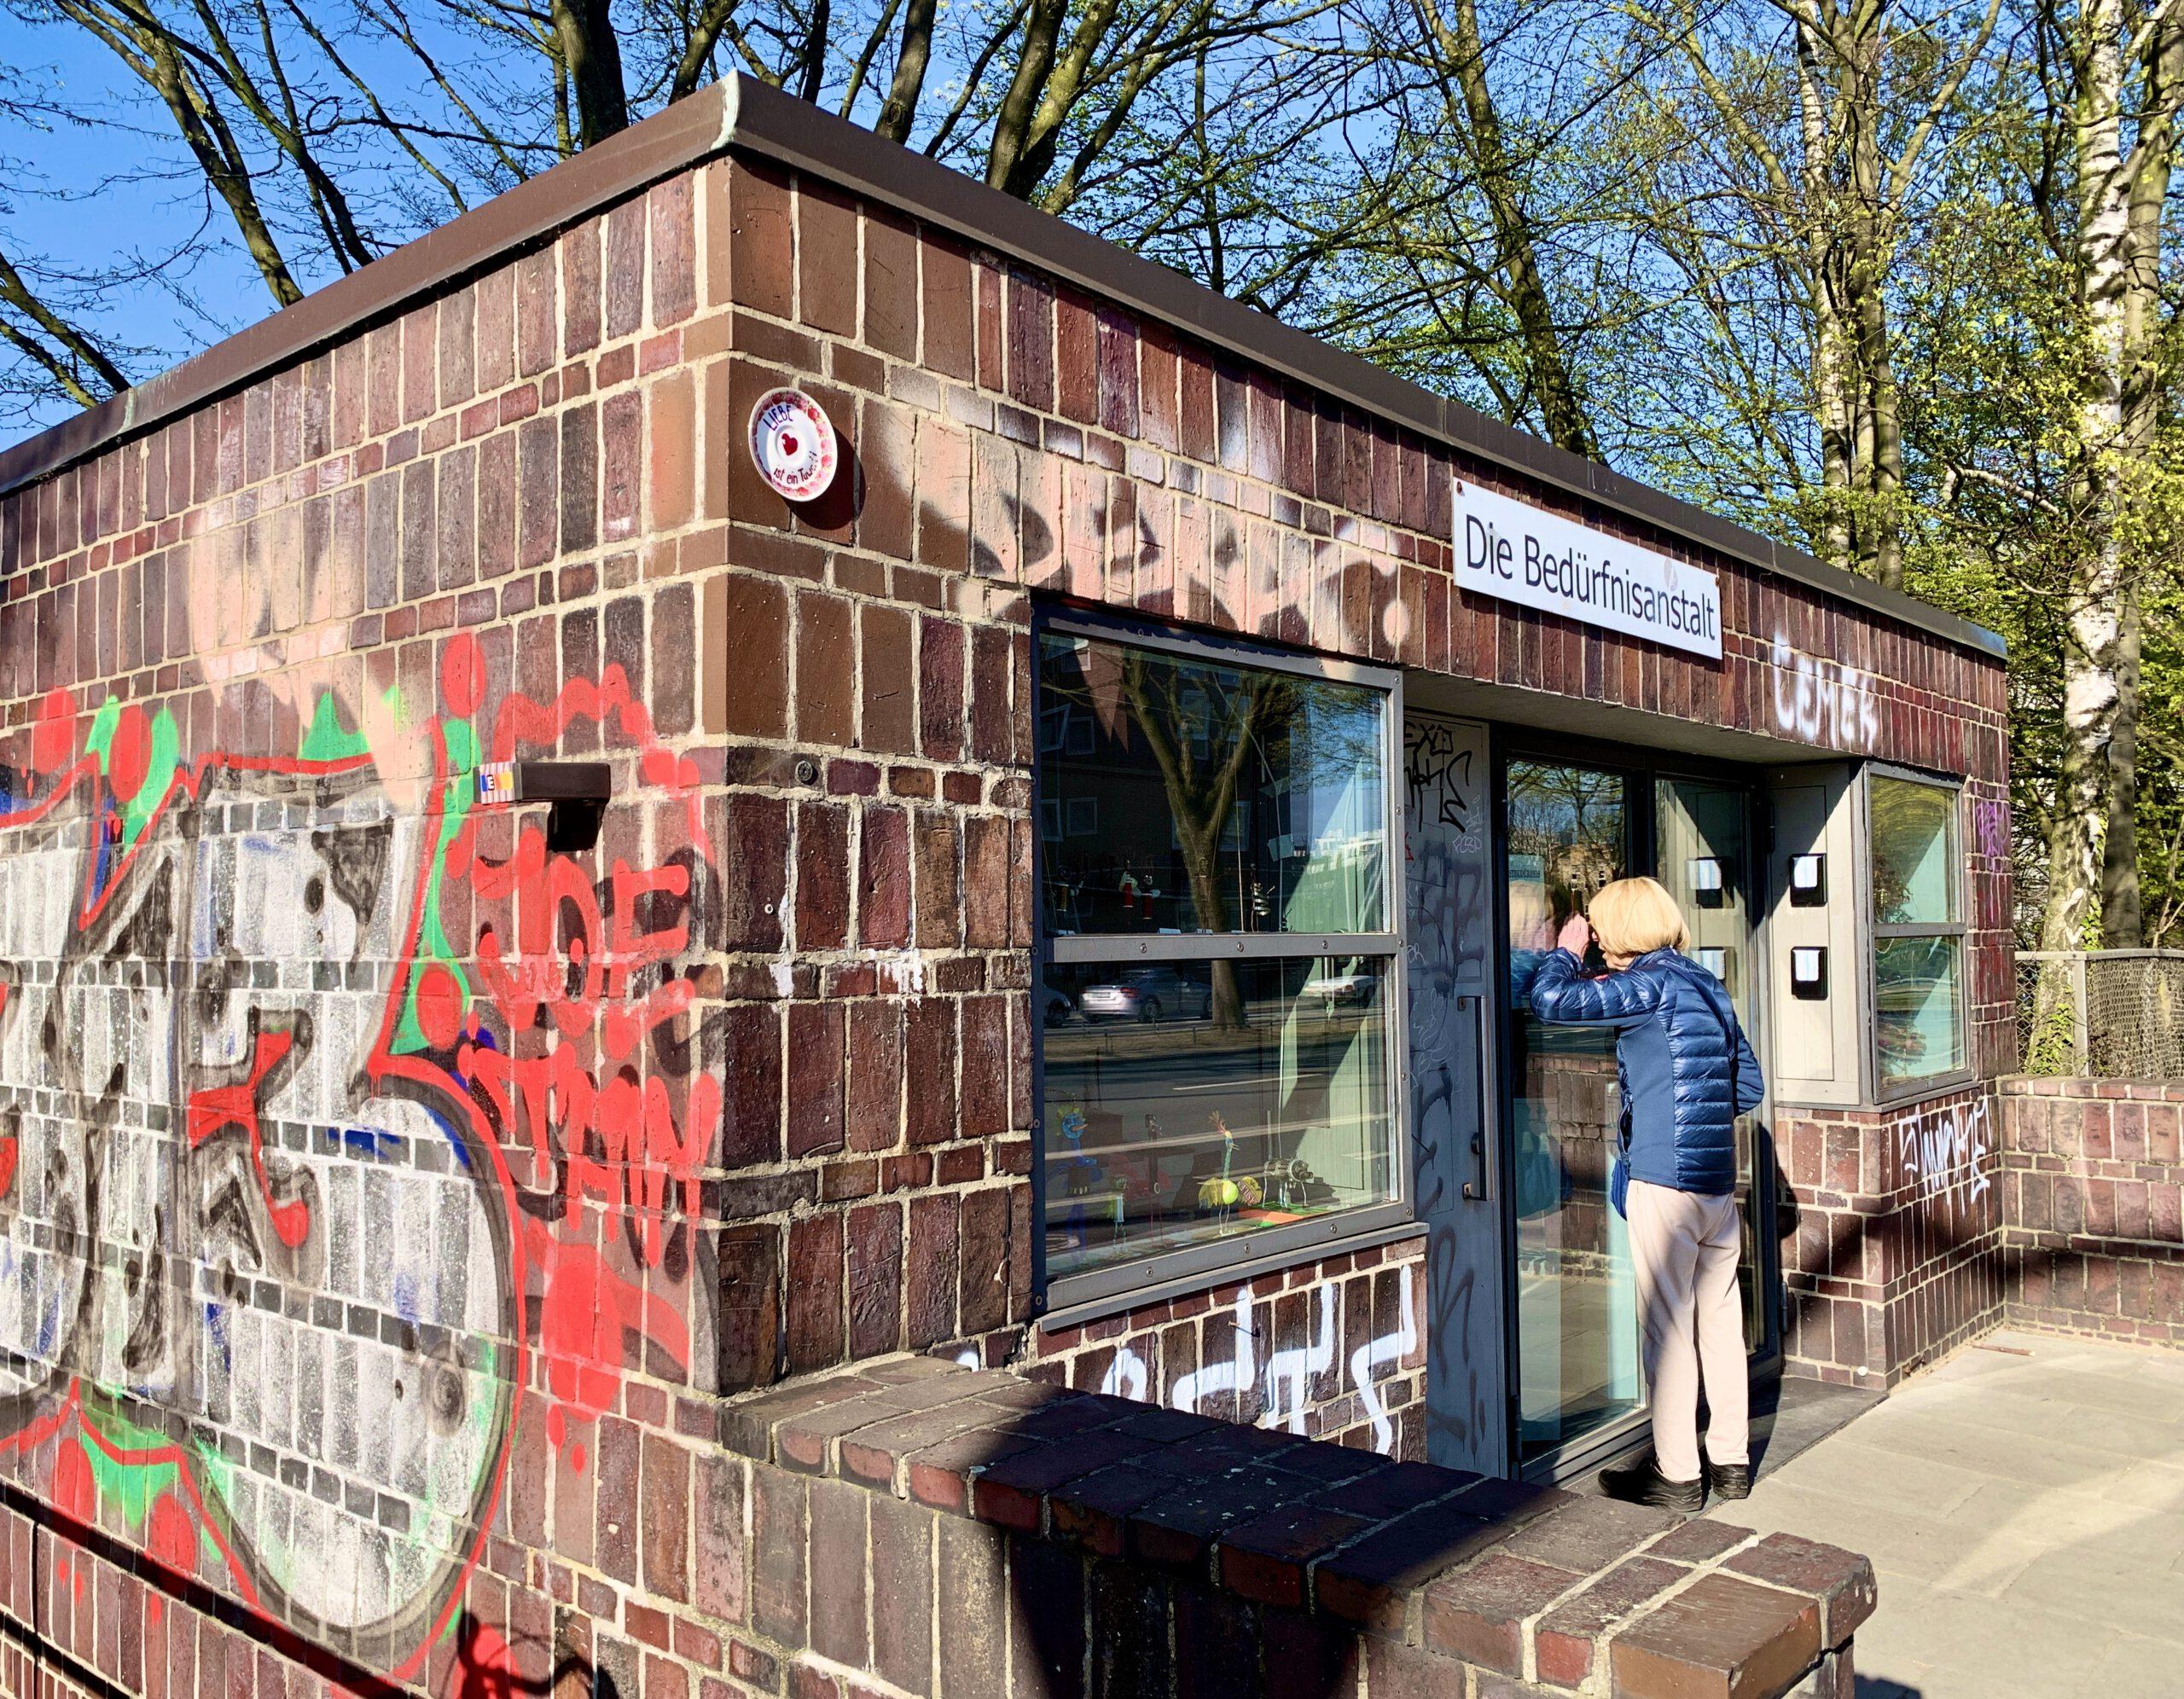 Hamburger Bedürfnisanstalt: Ottensen, Backsteinarchitektur